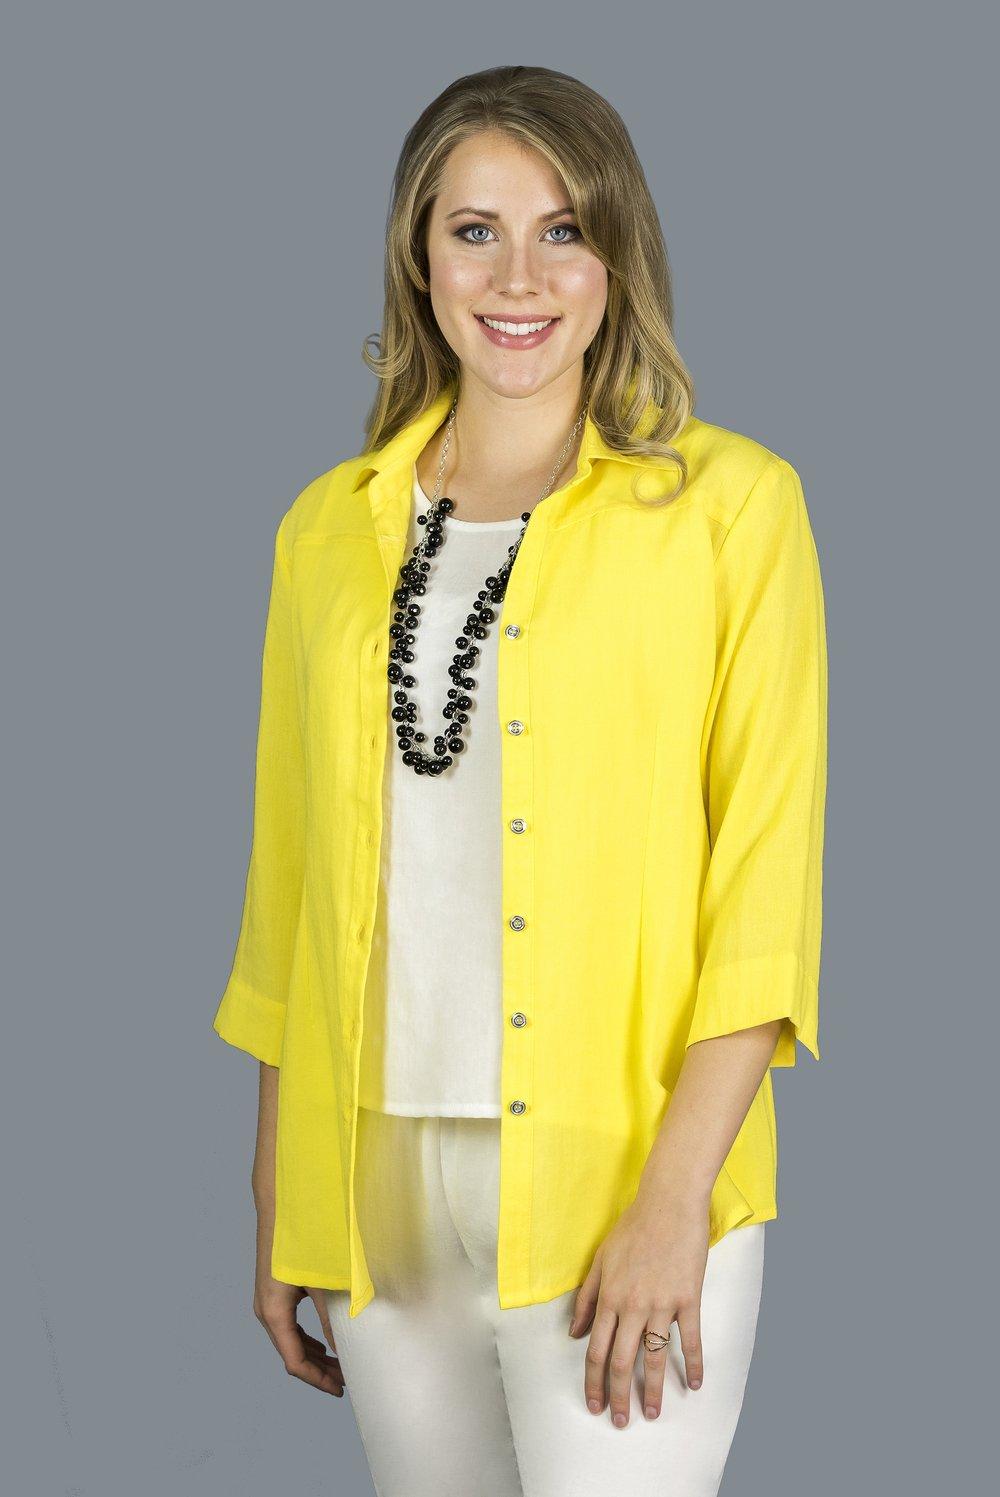 AA203 - Short Button Back Shirt    CL3981 - Daffodil